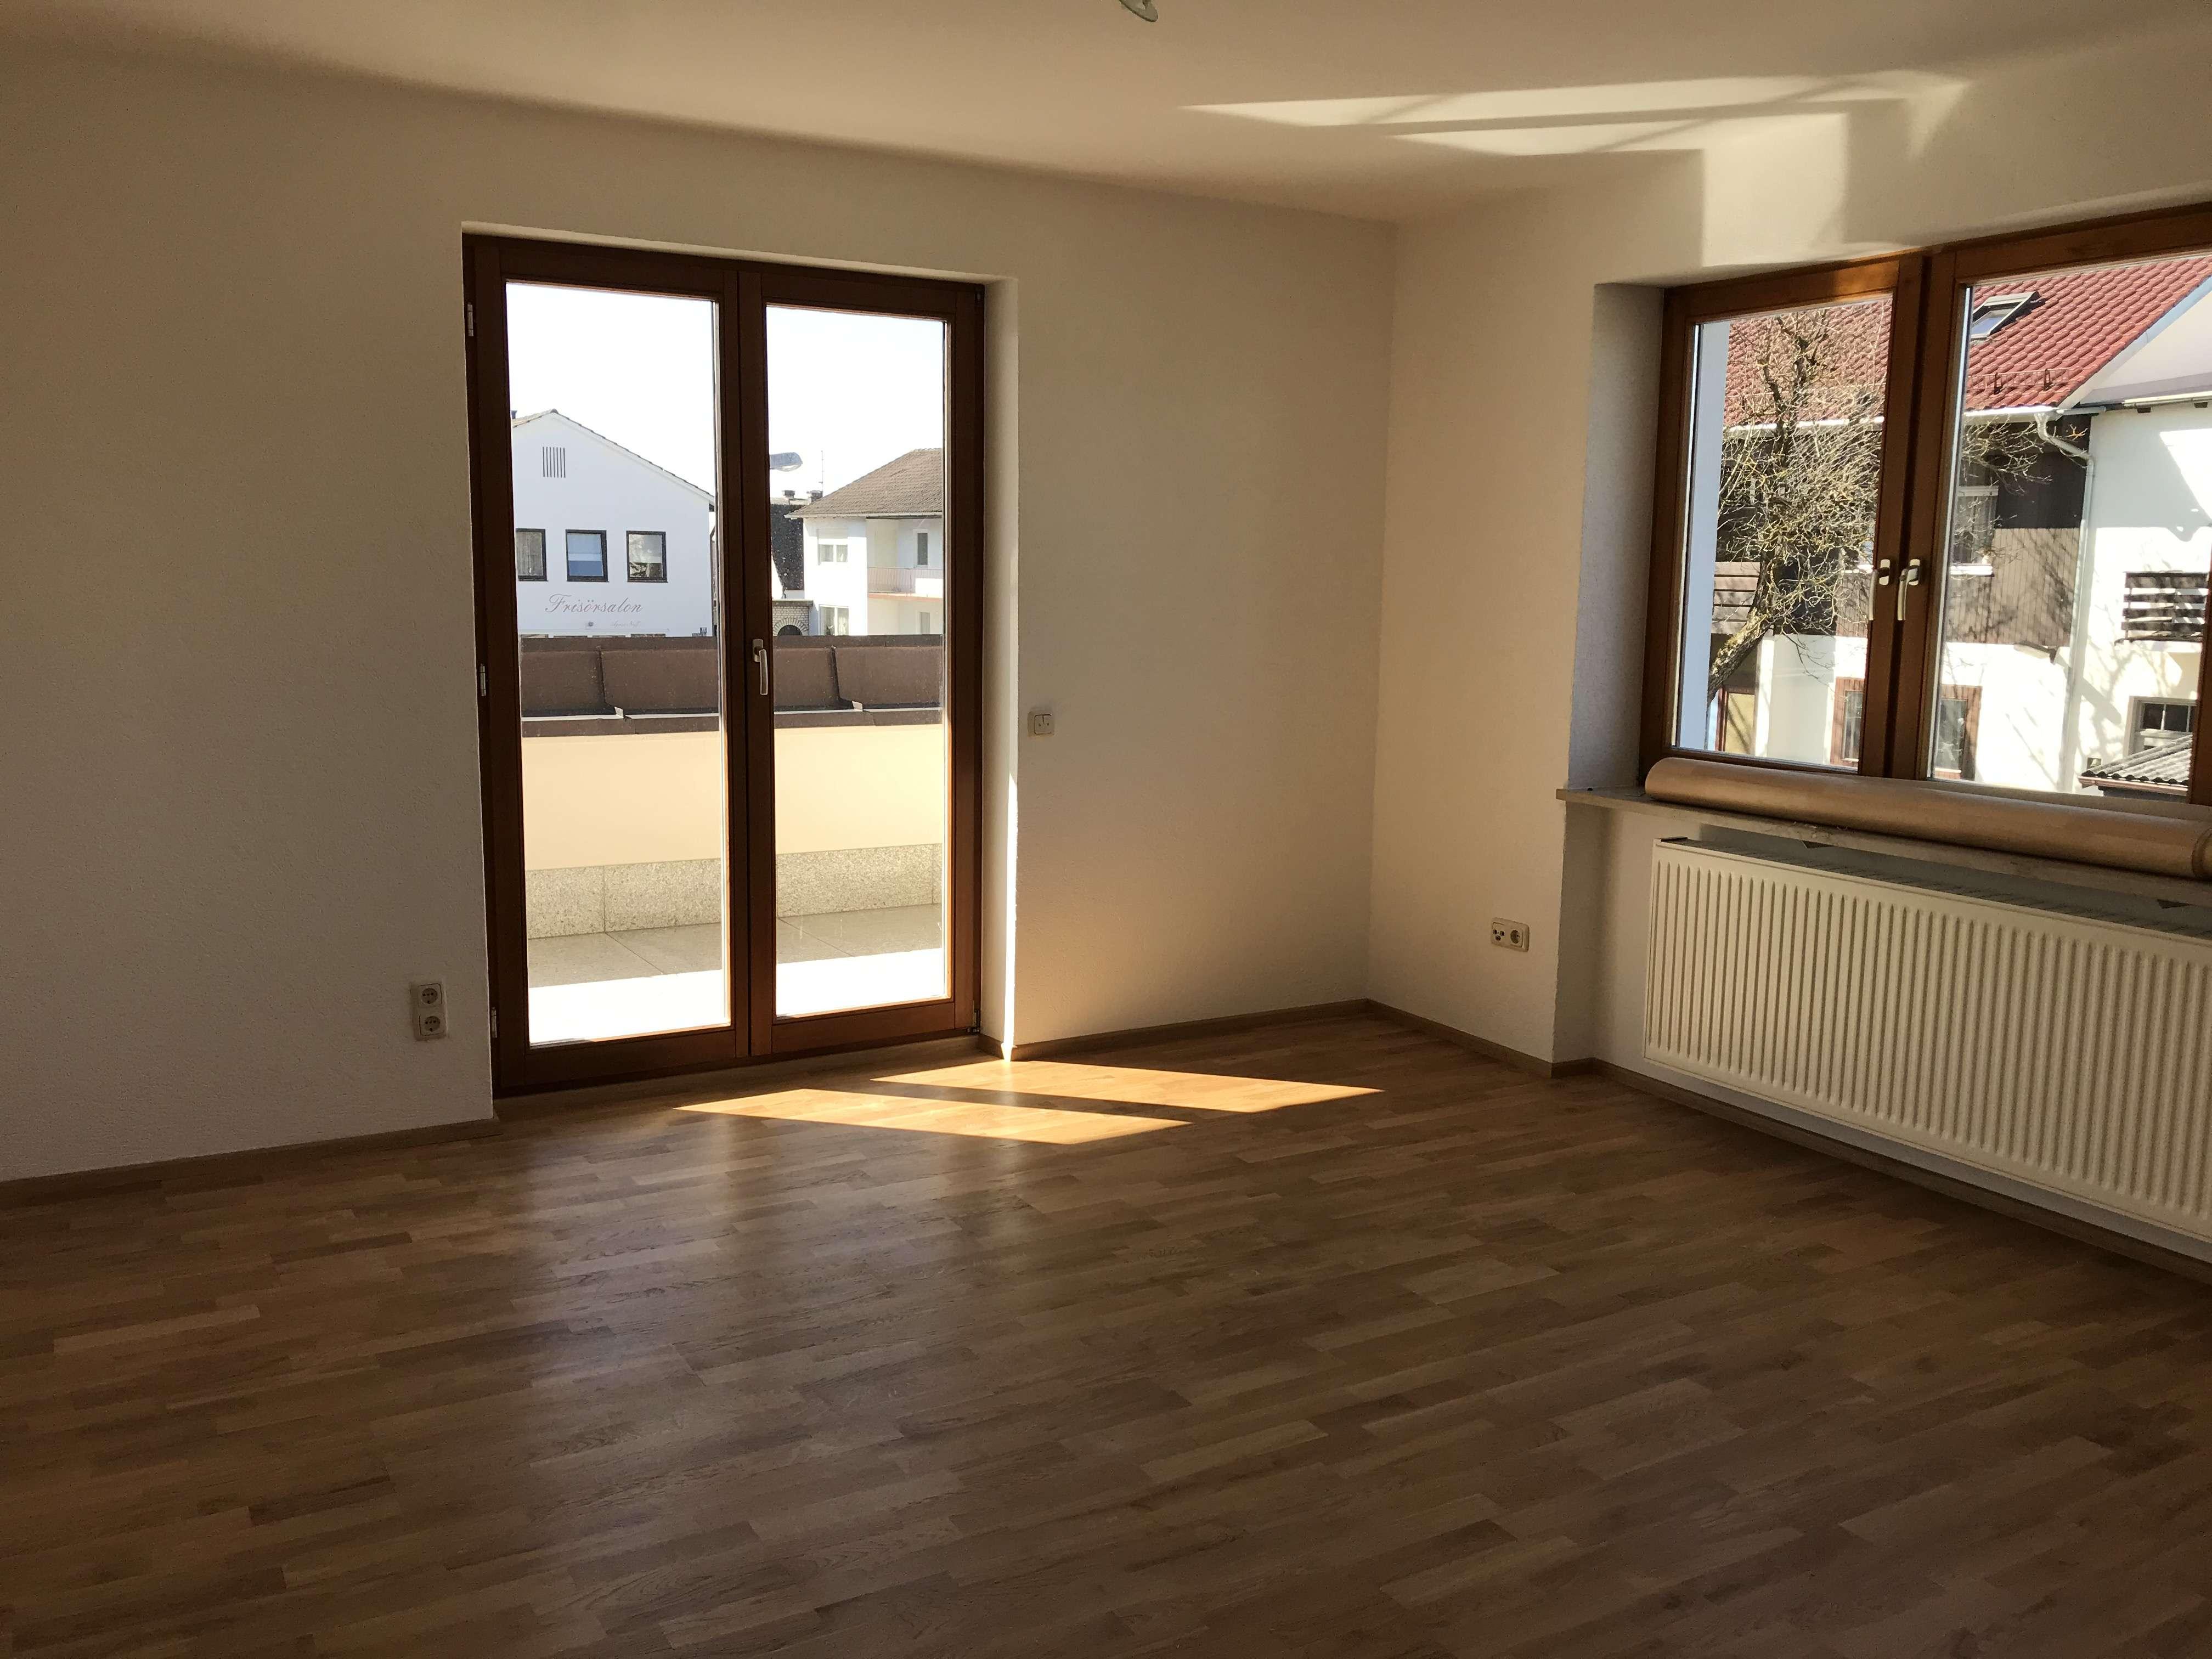 Lichtdurchflutete 3,5-Zimmer-Wohnung in Schrobenhausen zu vermieten! in